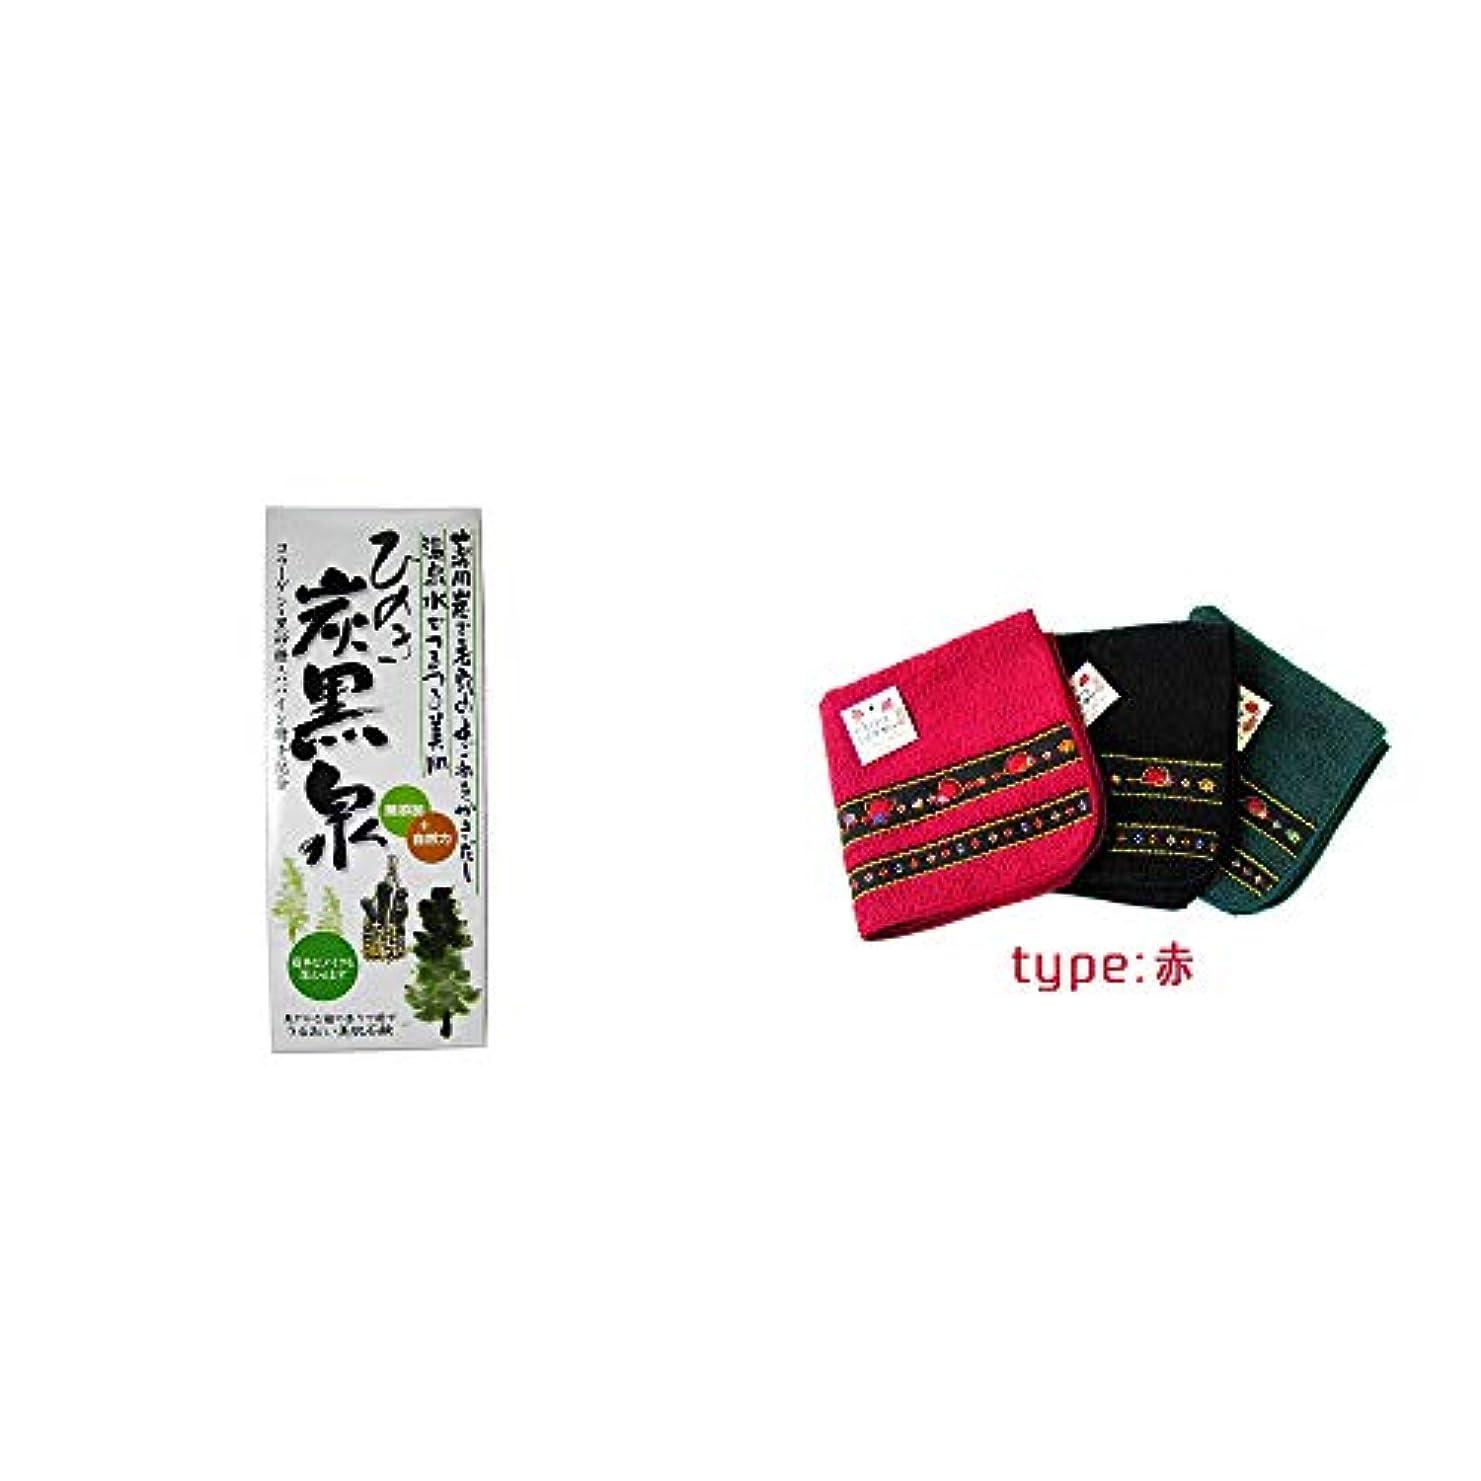 賞賛意図的マウス[2点セット] ひのき炭黒泉 箱入り(75g×3)・さるぼぼ 刺繍ミニタオル【赤】